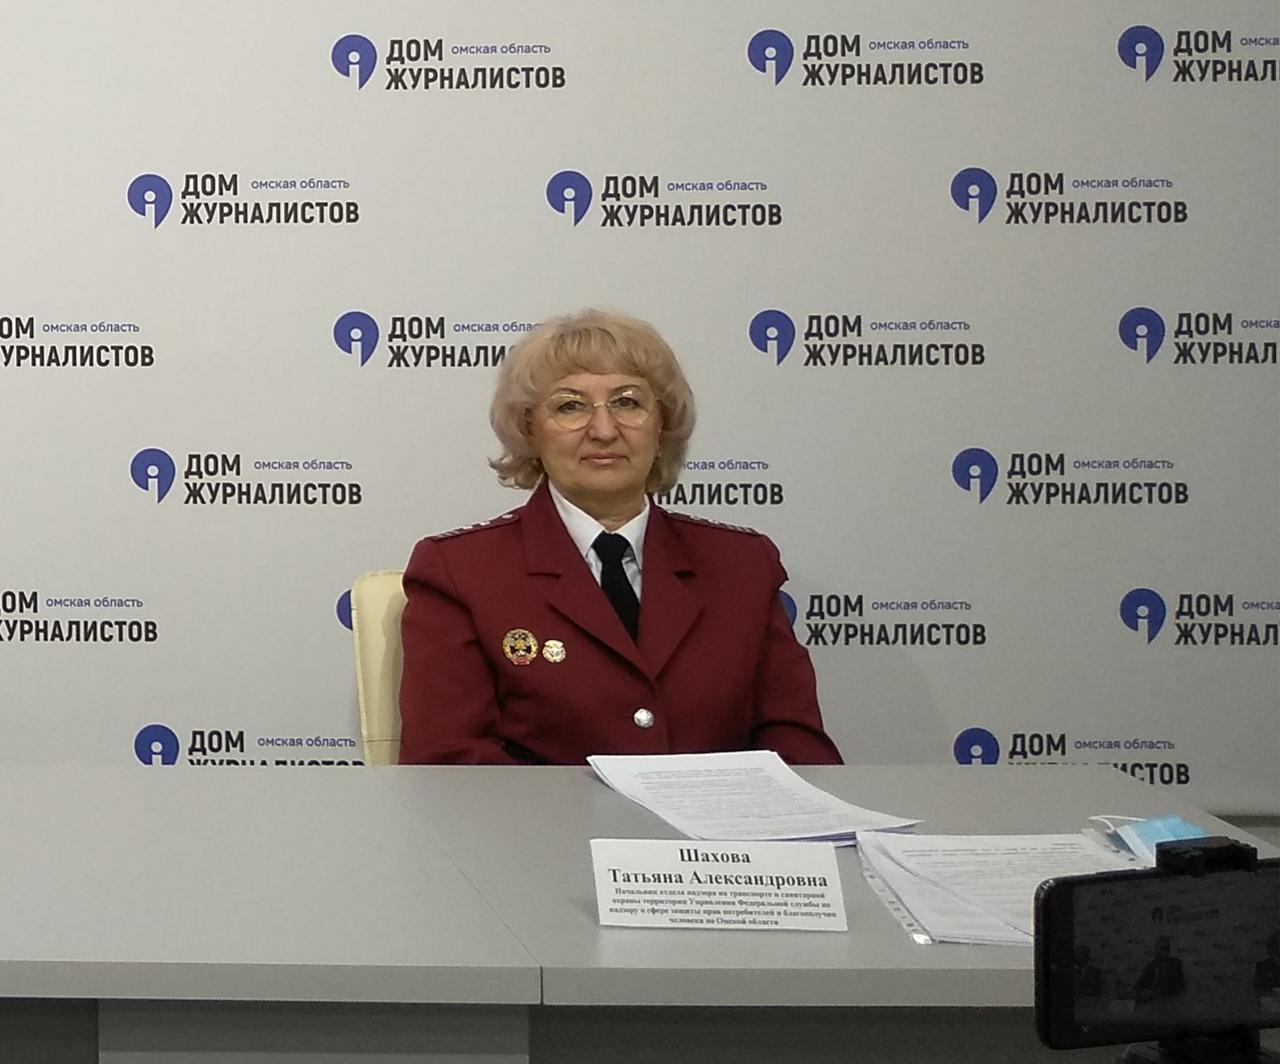 Роспотребнадзор недоволен, как в Омской области идет вакцинация #Омск #Общество #Сегодня